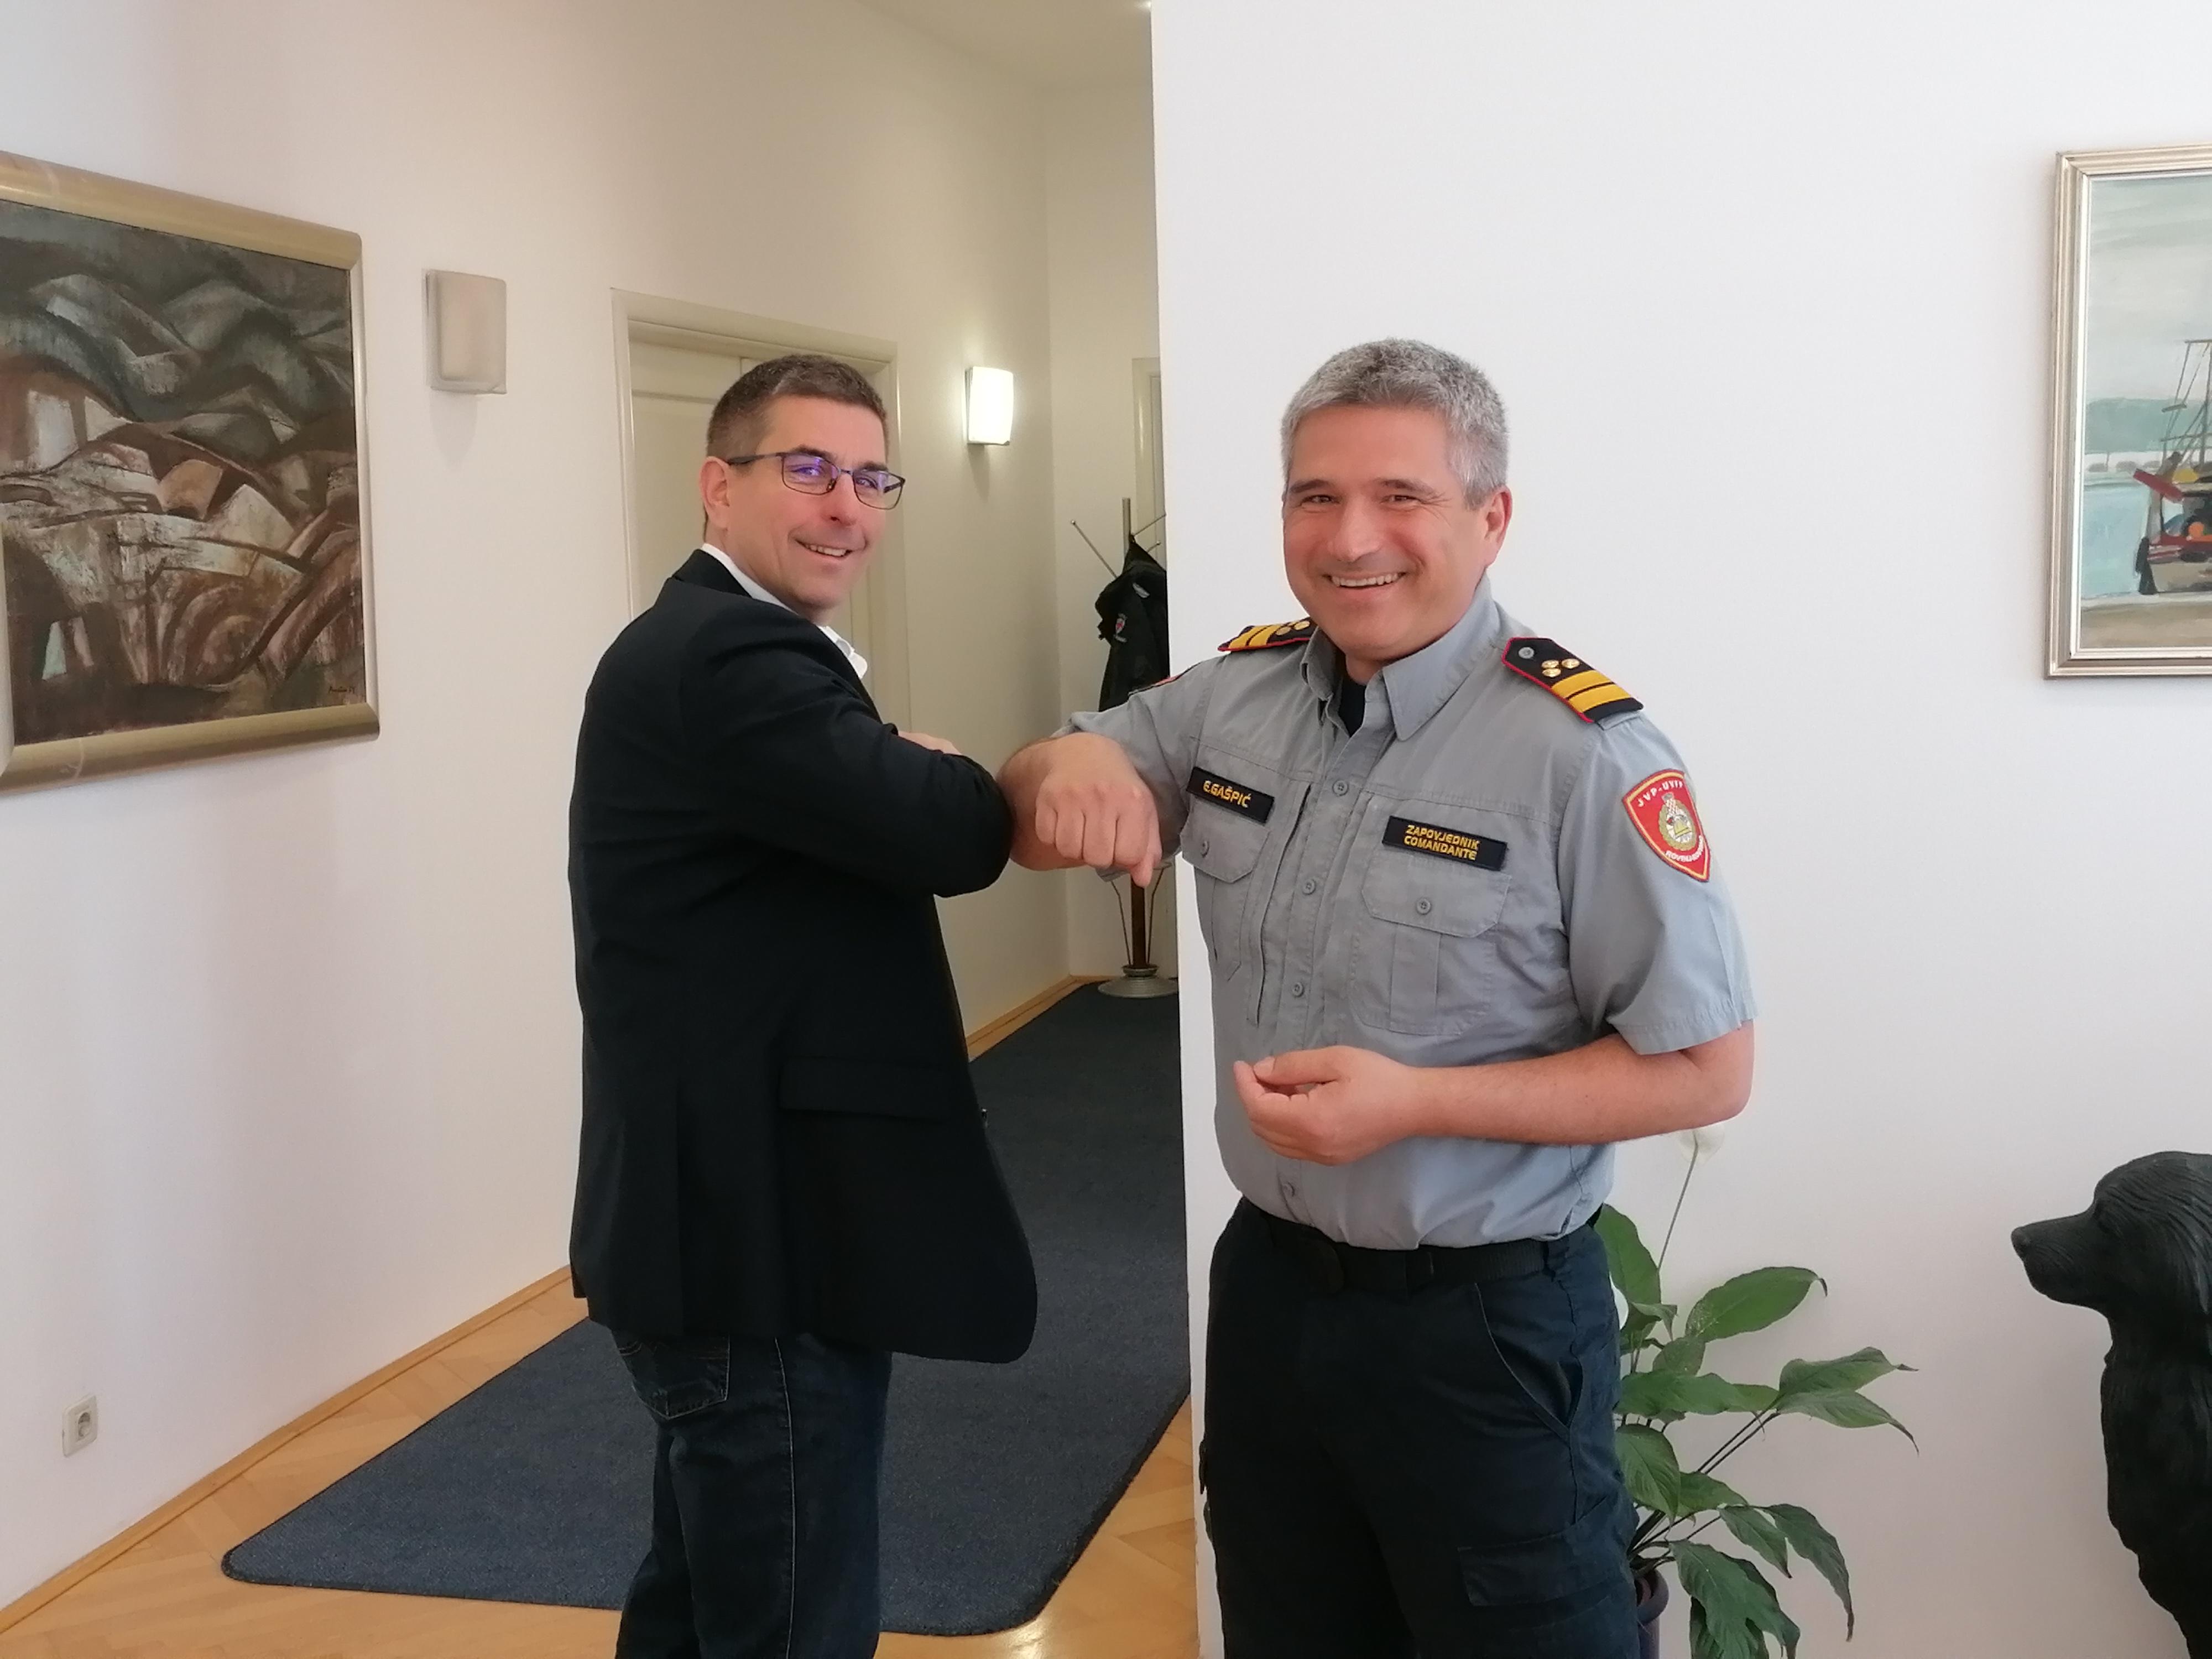 Gli auguri del sindaco Marko Paliaga e del comandante Evilijano Gašpić in occasione della Giornata della protezione civile